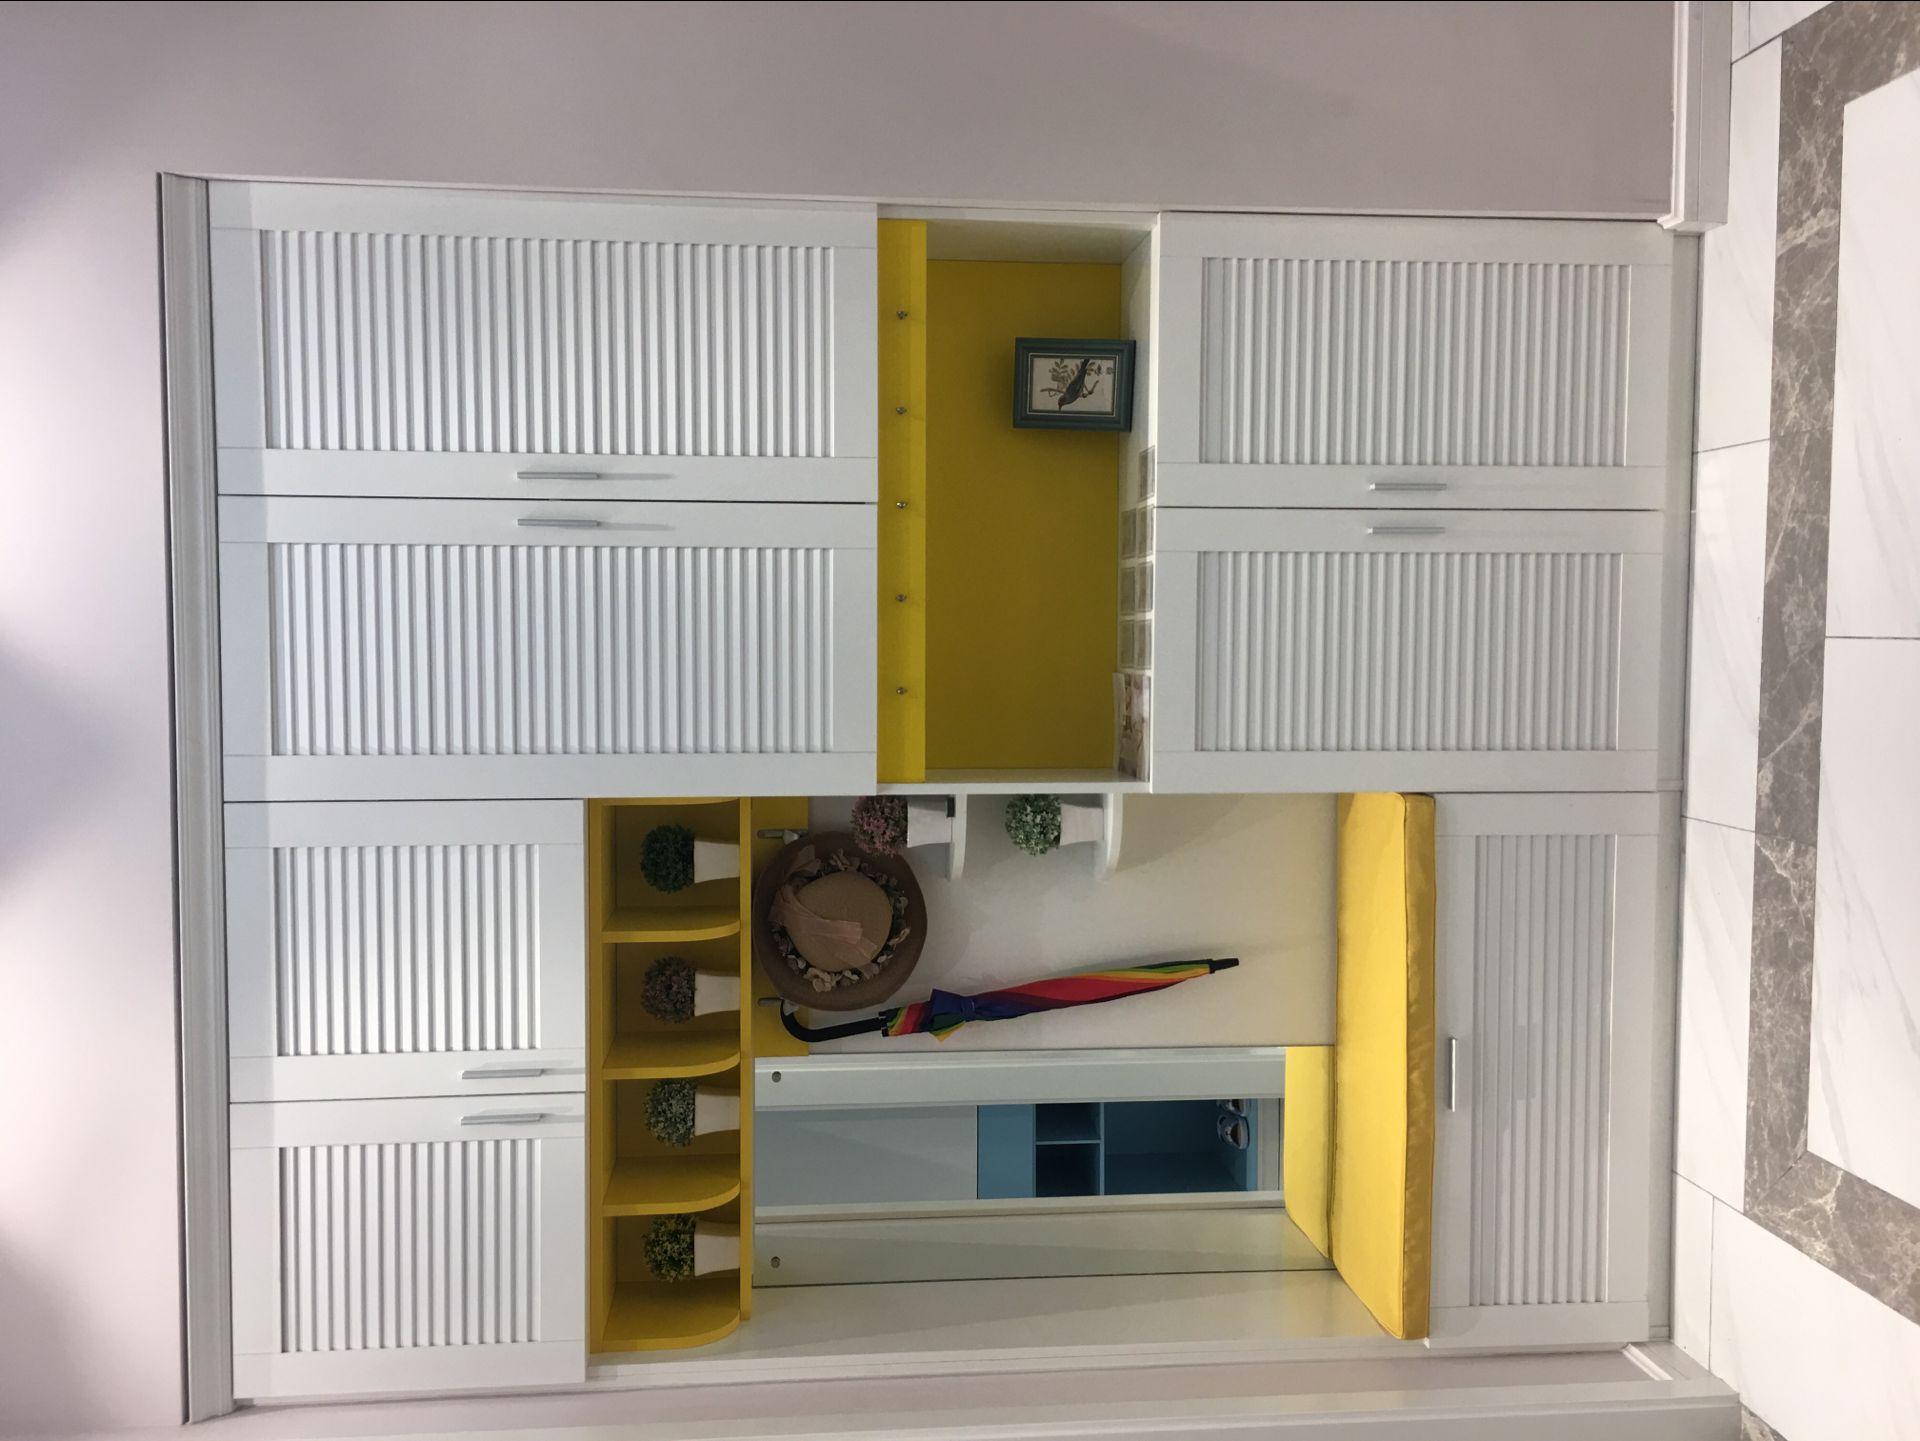 鞋柜定制高度 家用家具厂家定制款式 合肥衣柜图片